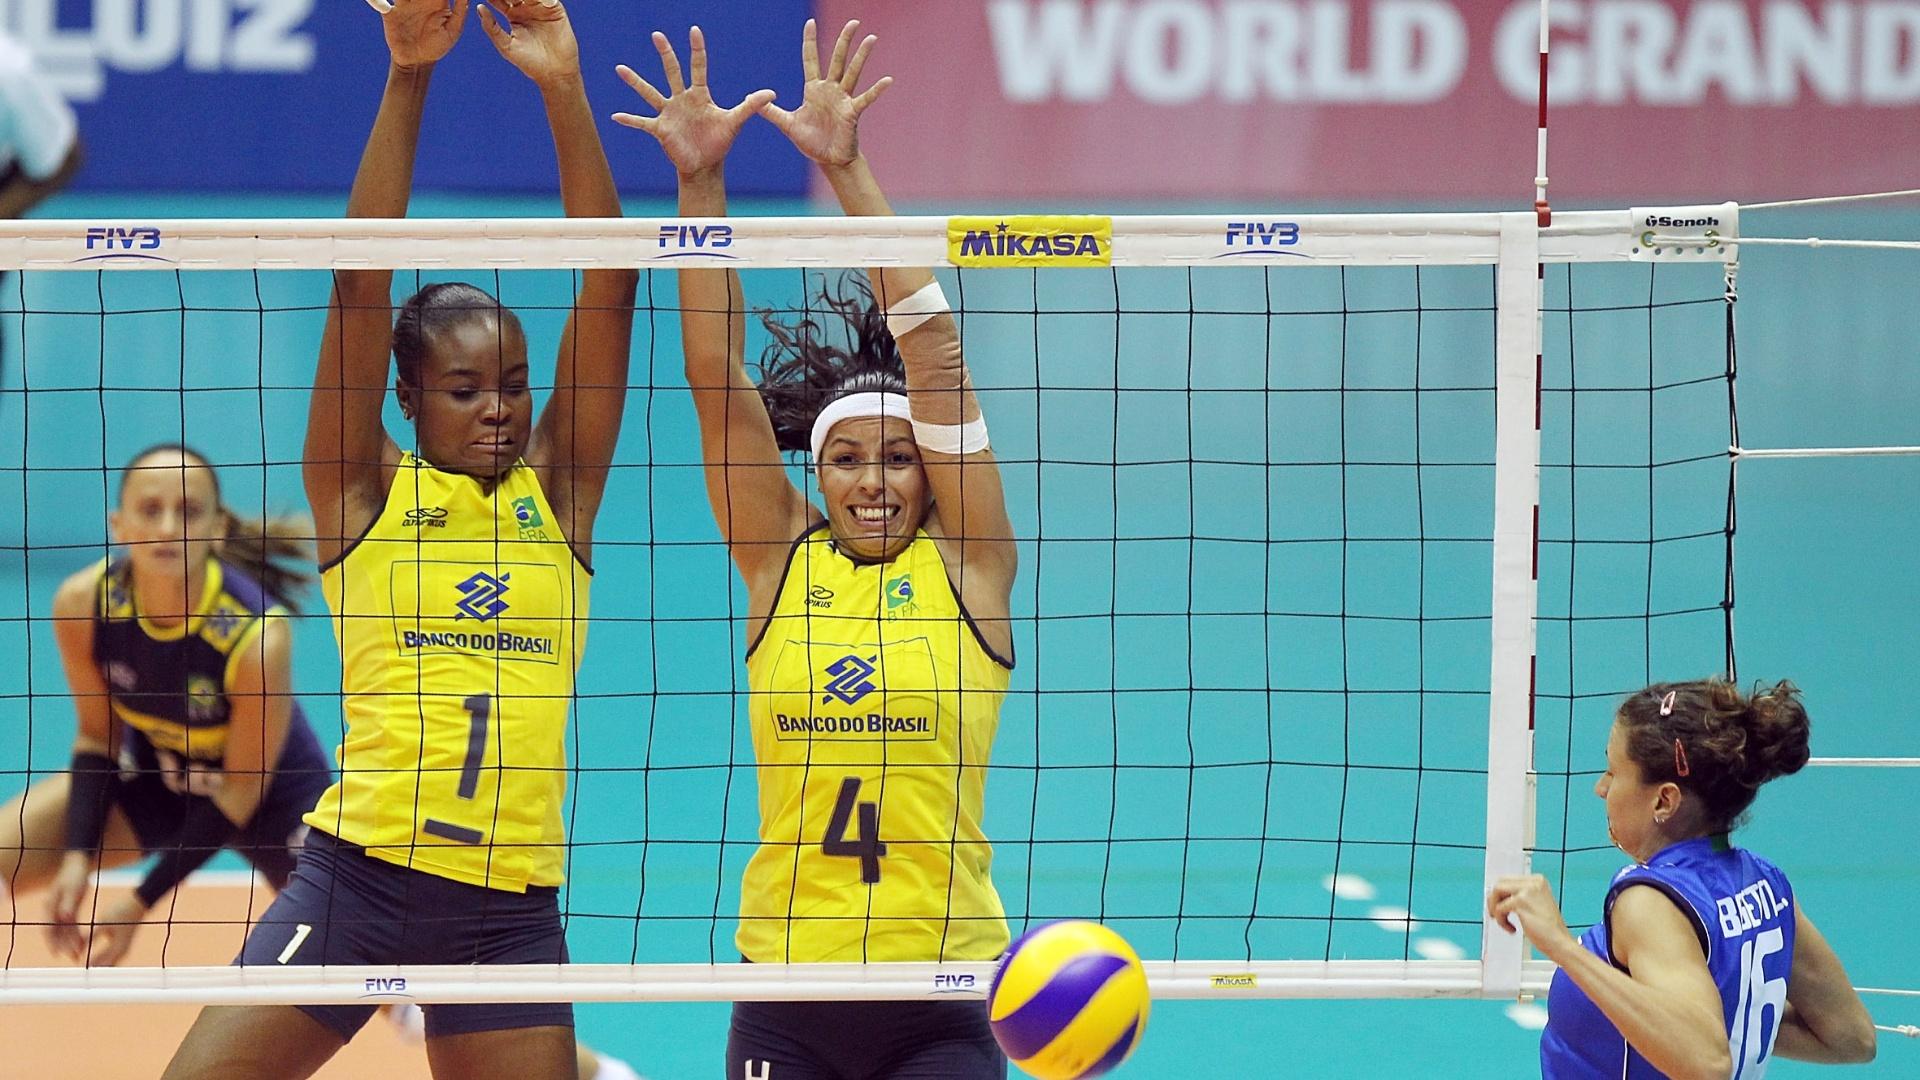 Fabiana e Paula Pequeno bloqueiam ataque de jogadora italiana durante partida em São Bernardo